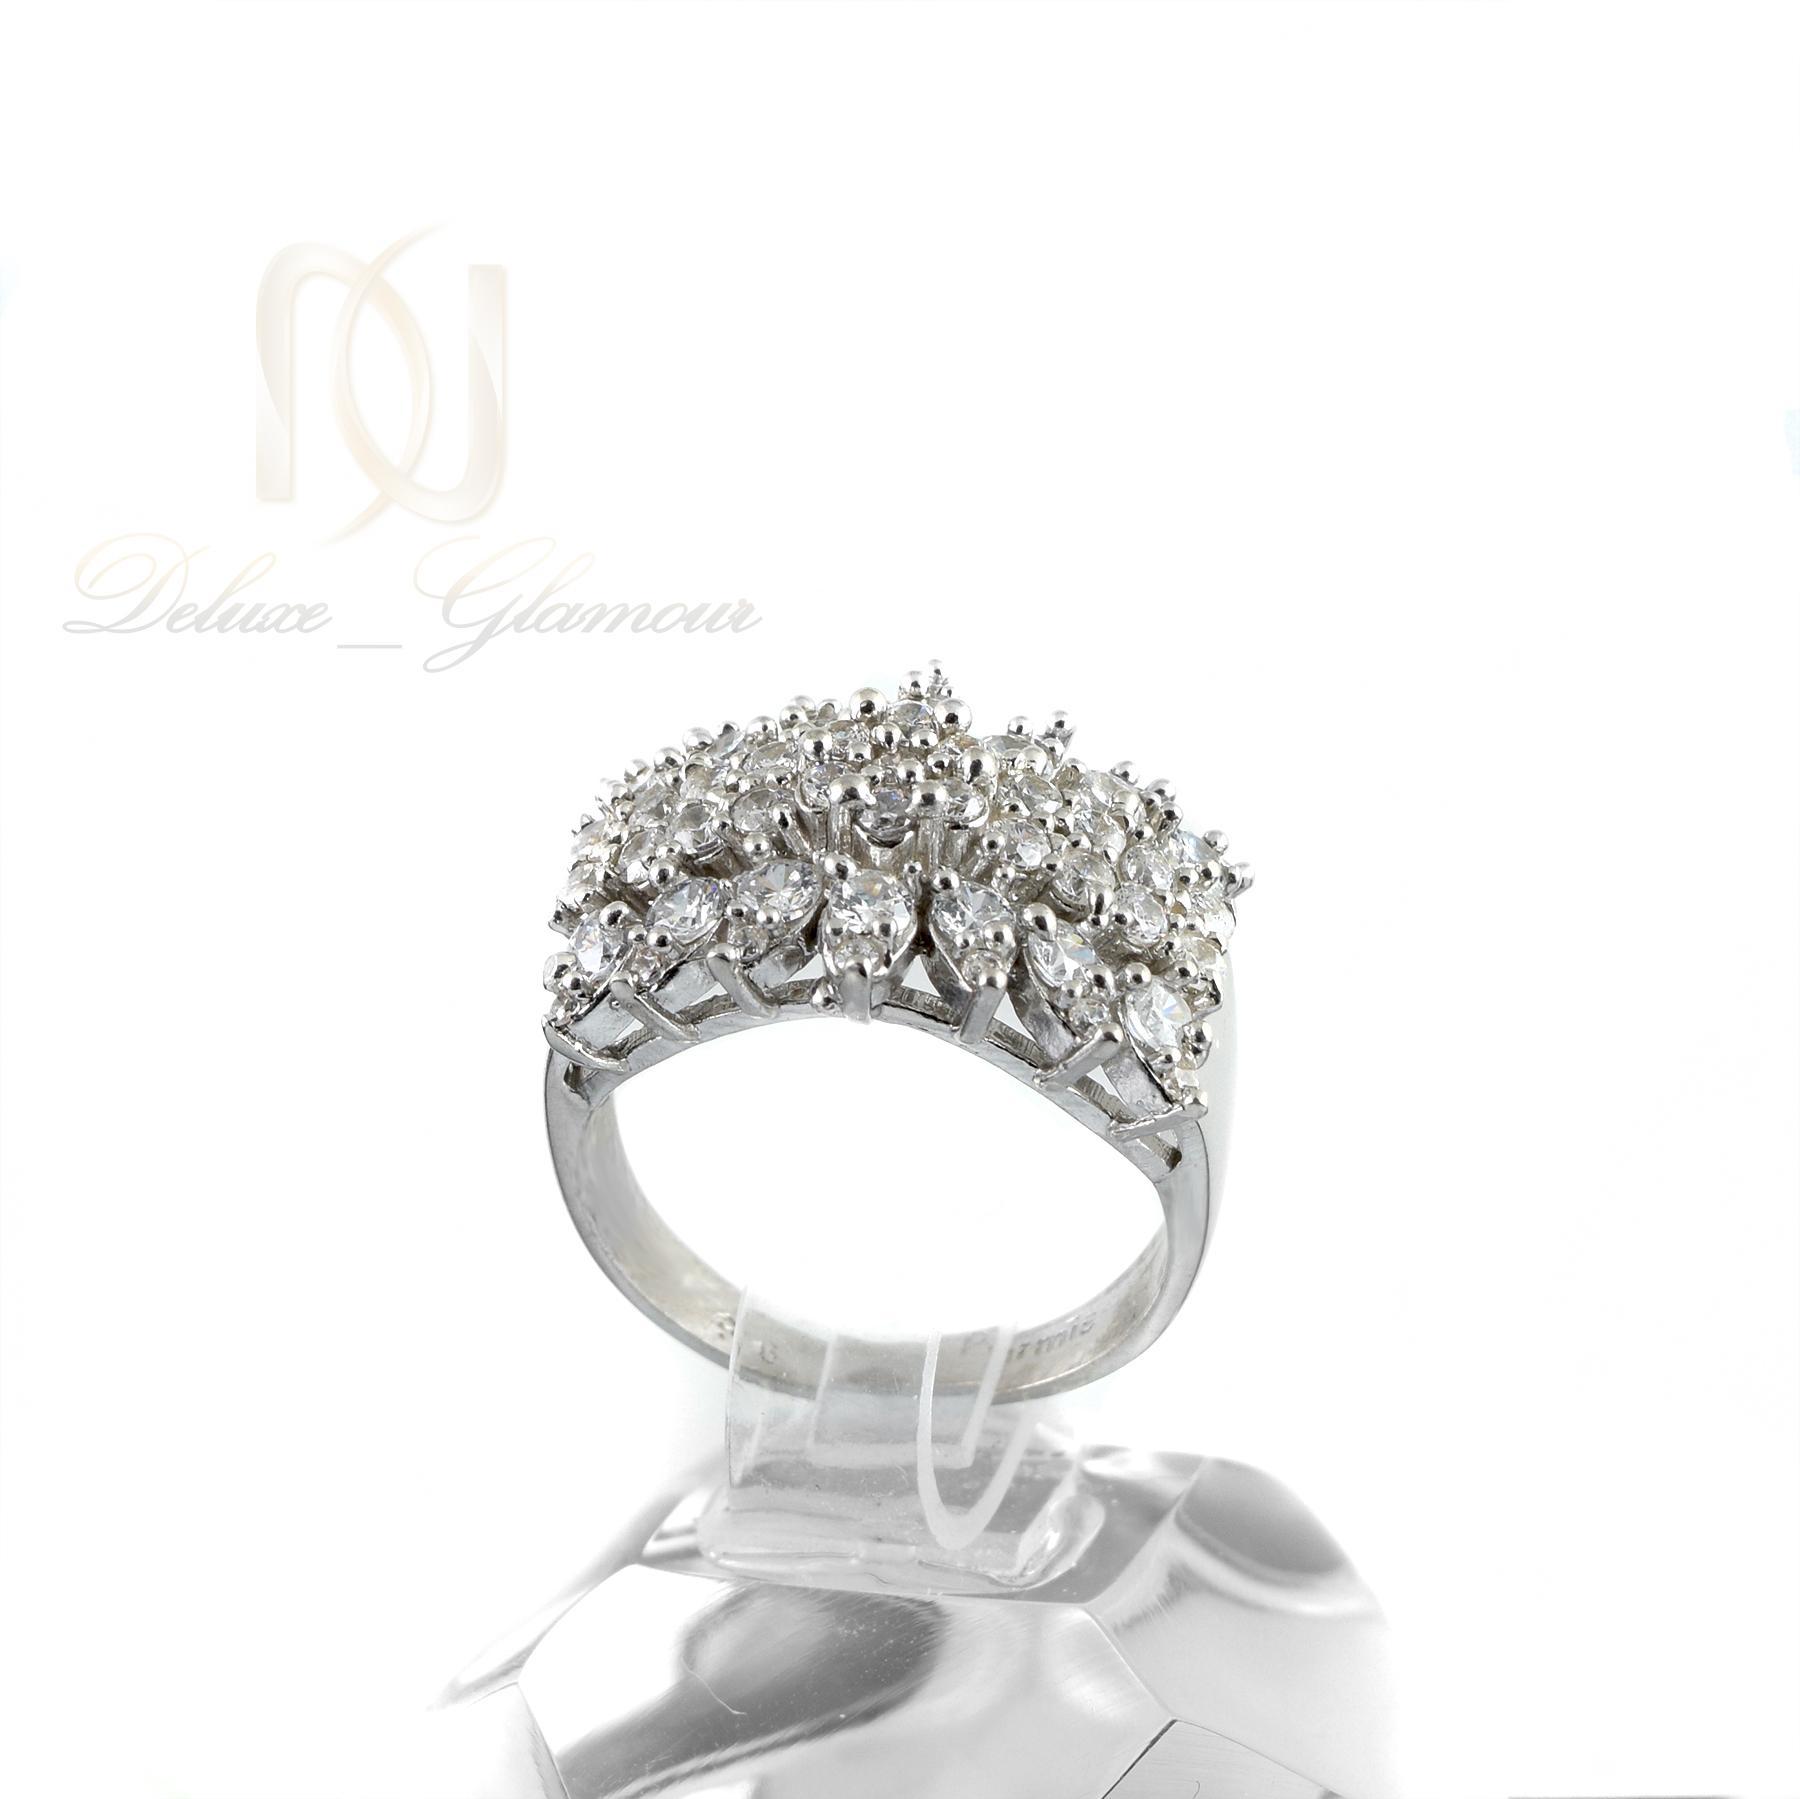 انگشتر نقره زنانه پرنگين rg-n340 از نماي روبرو